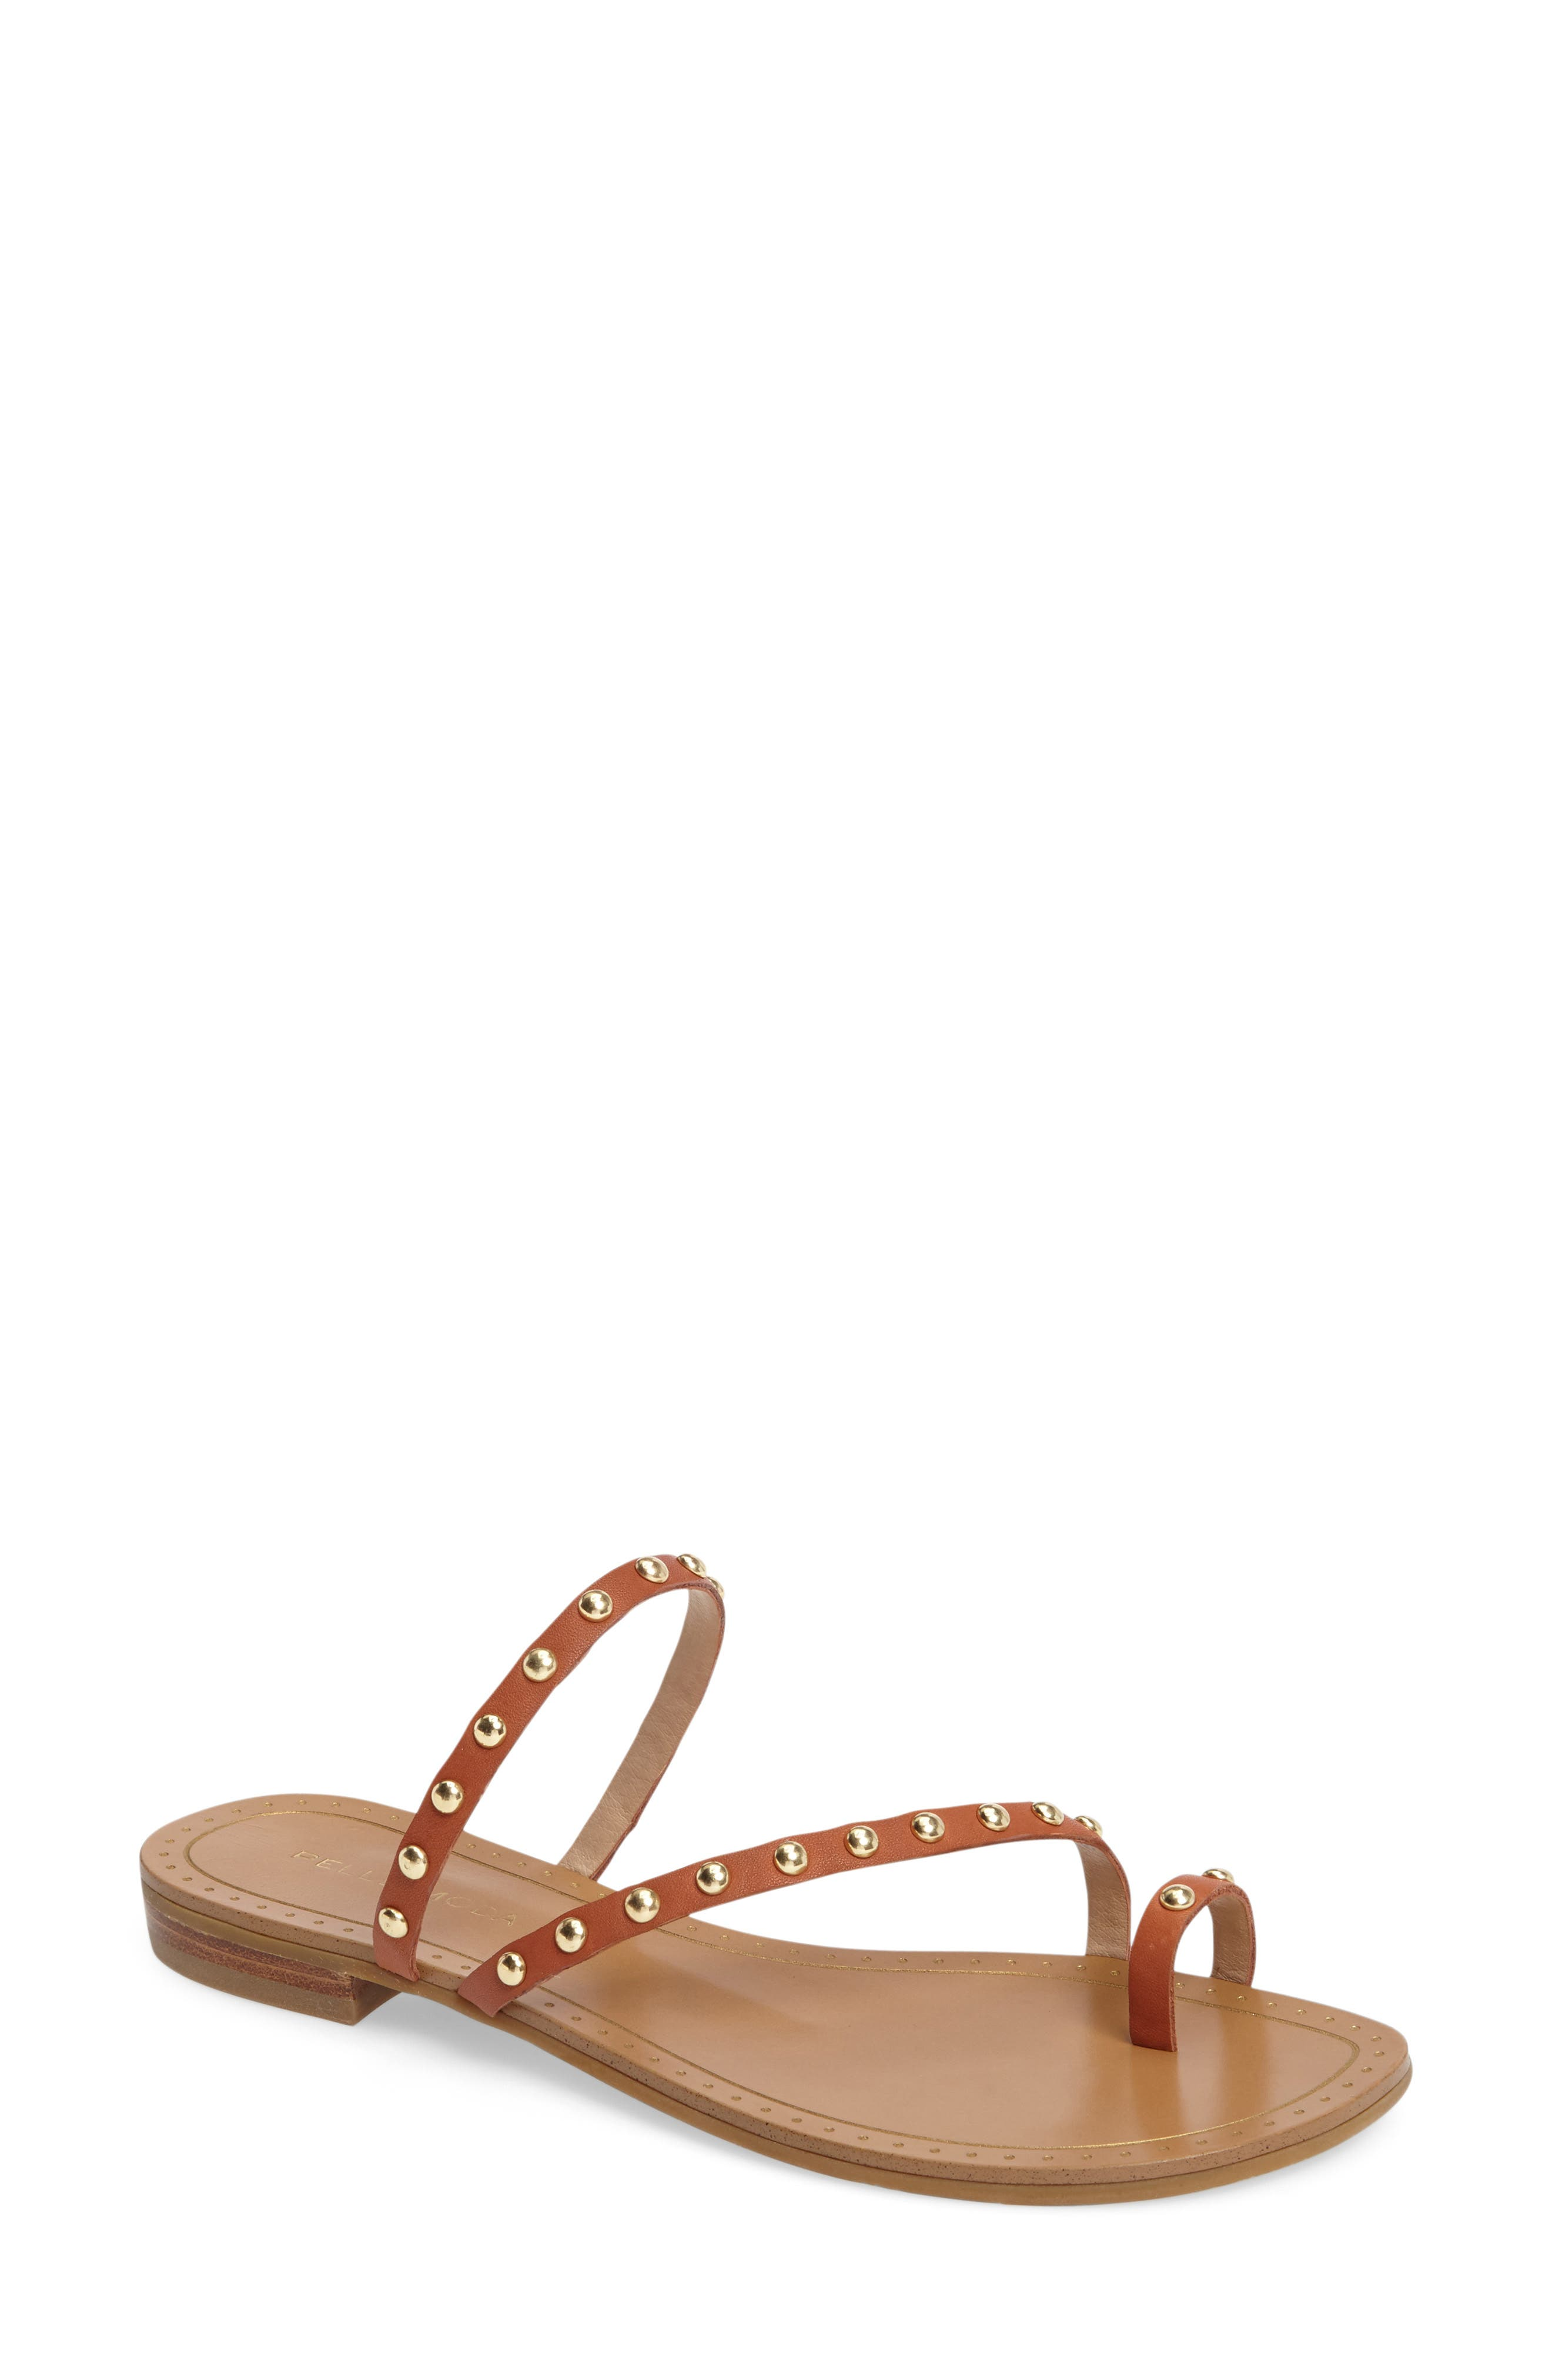 Main Image - Pelle Moda Bohem 2 Studded Sandal (Women)